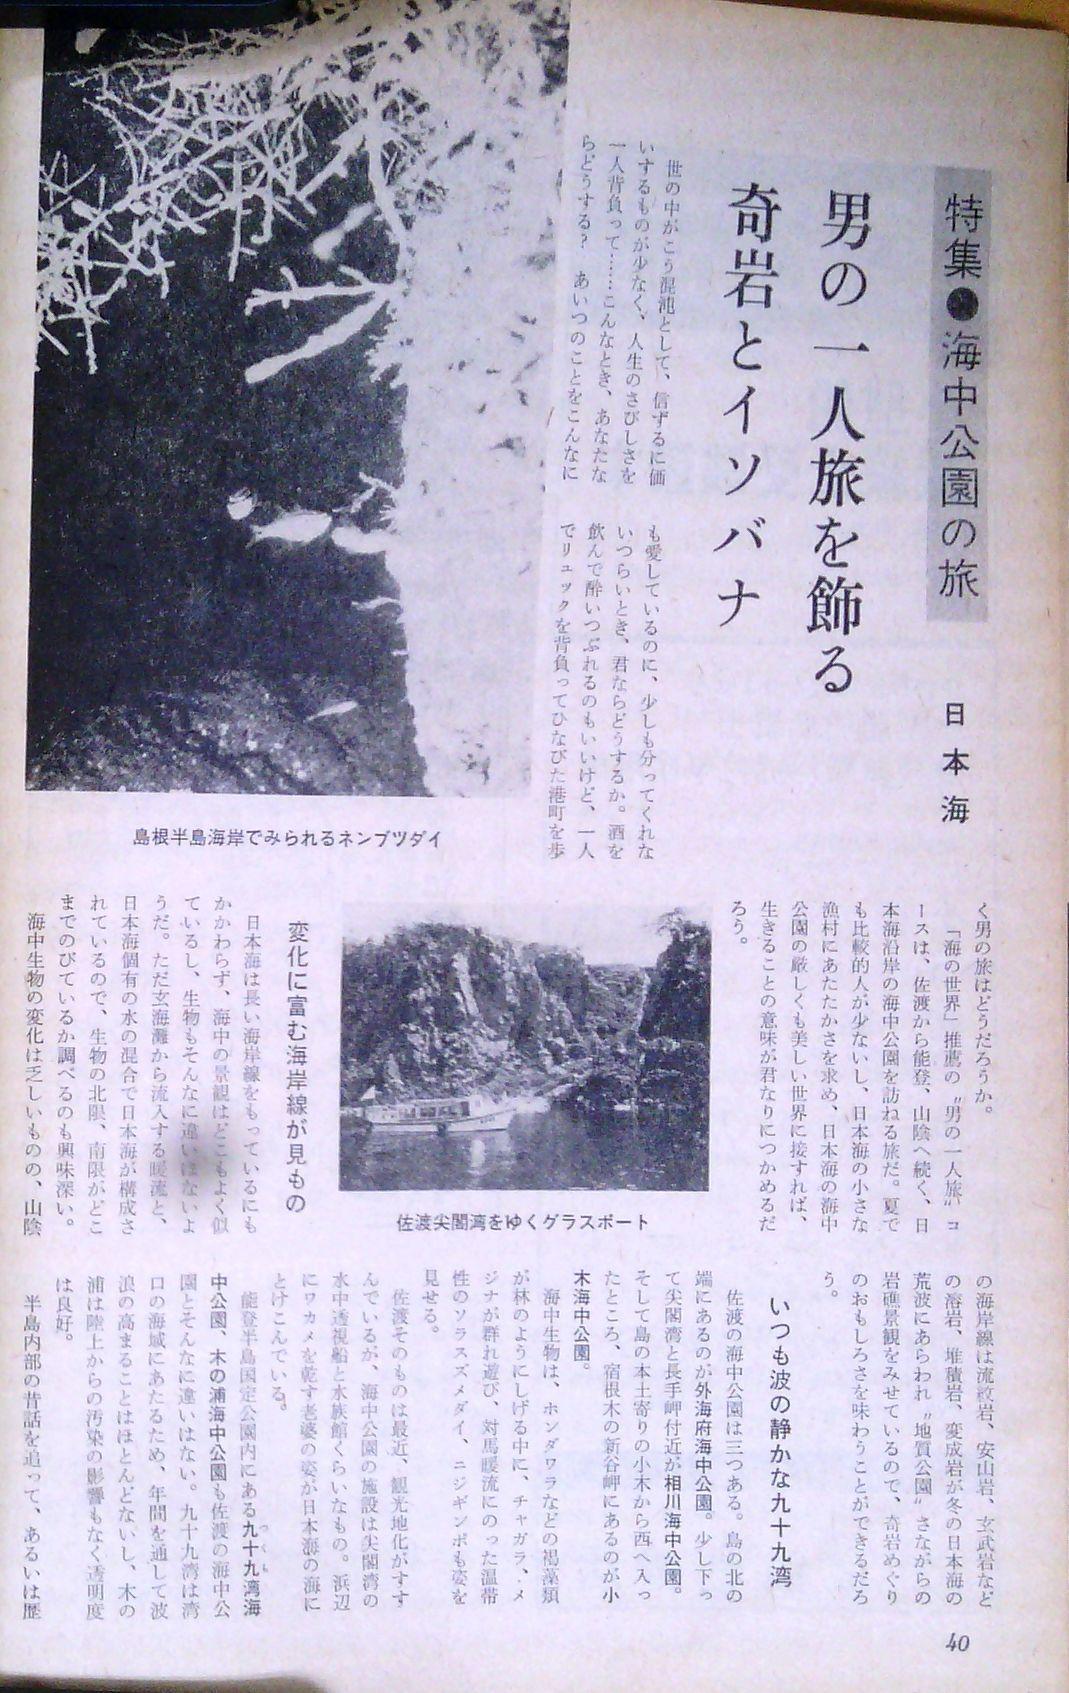 0525 ダイビングの歴史 73 海の世界74年 8月_b0075059_13312446.jpg